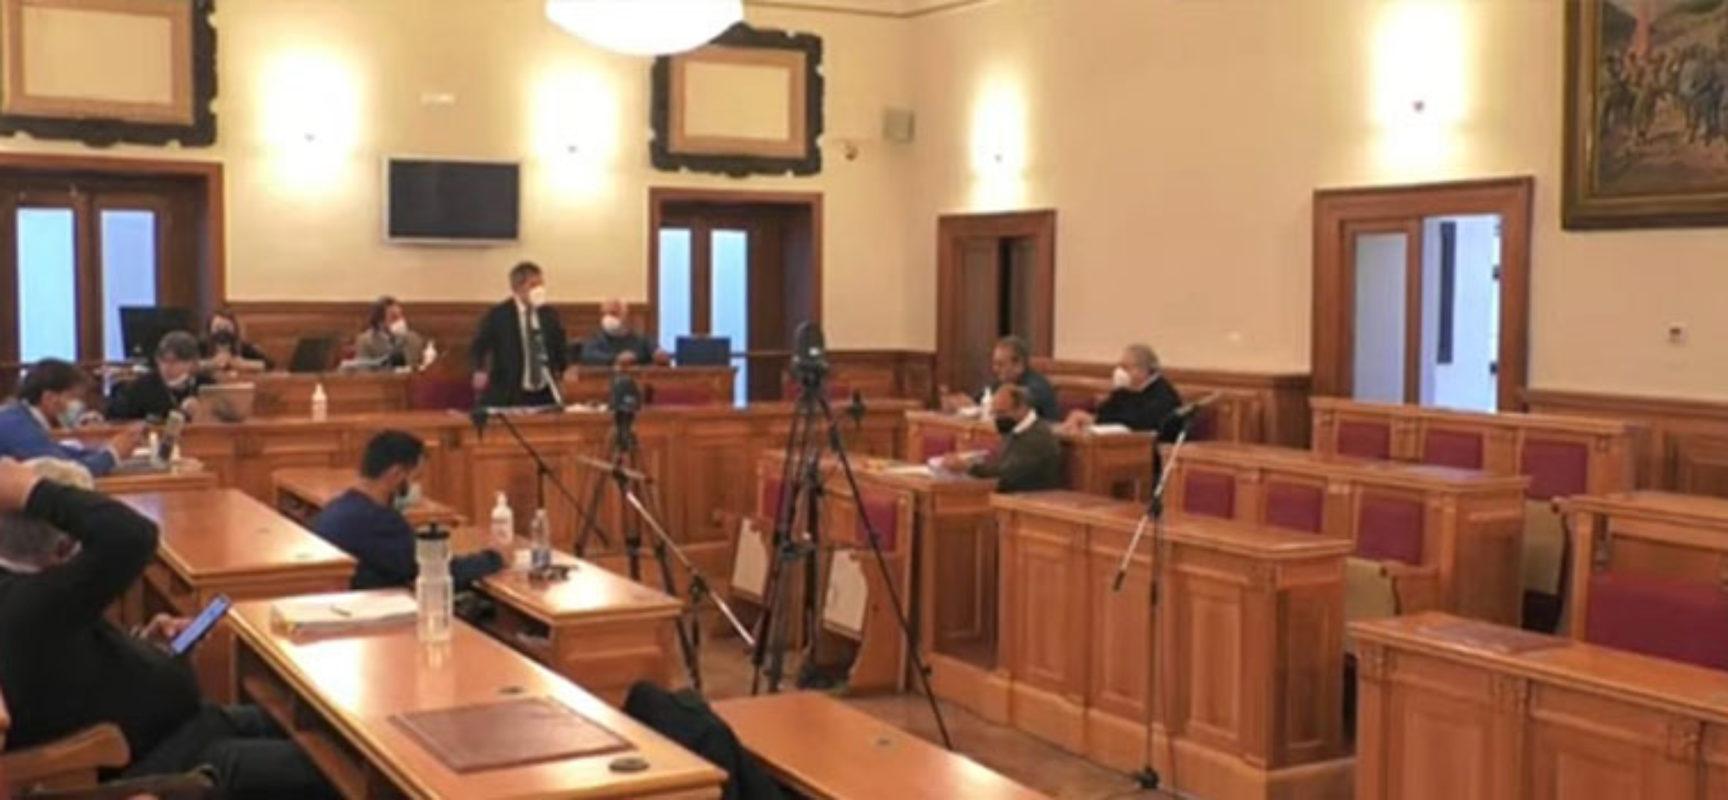 Approvato in consiglio comunale il bilancio di previsione 2021-2023